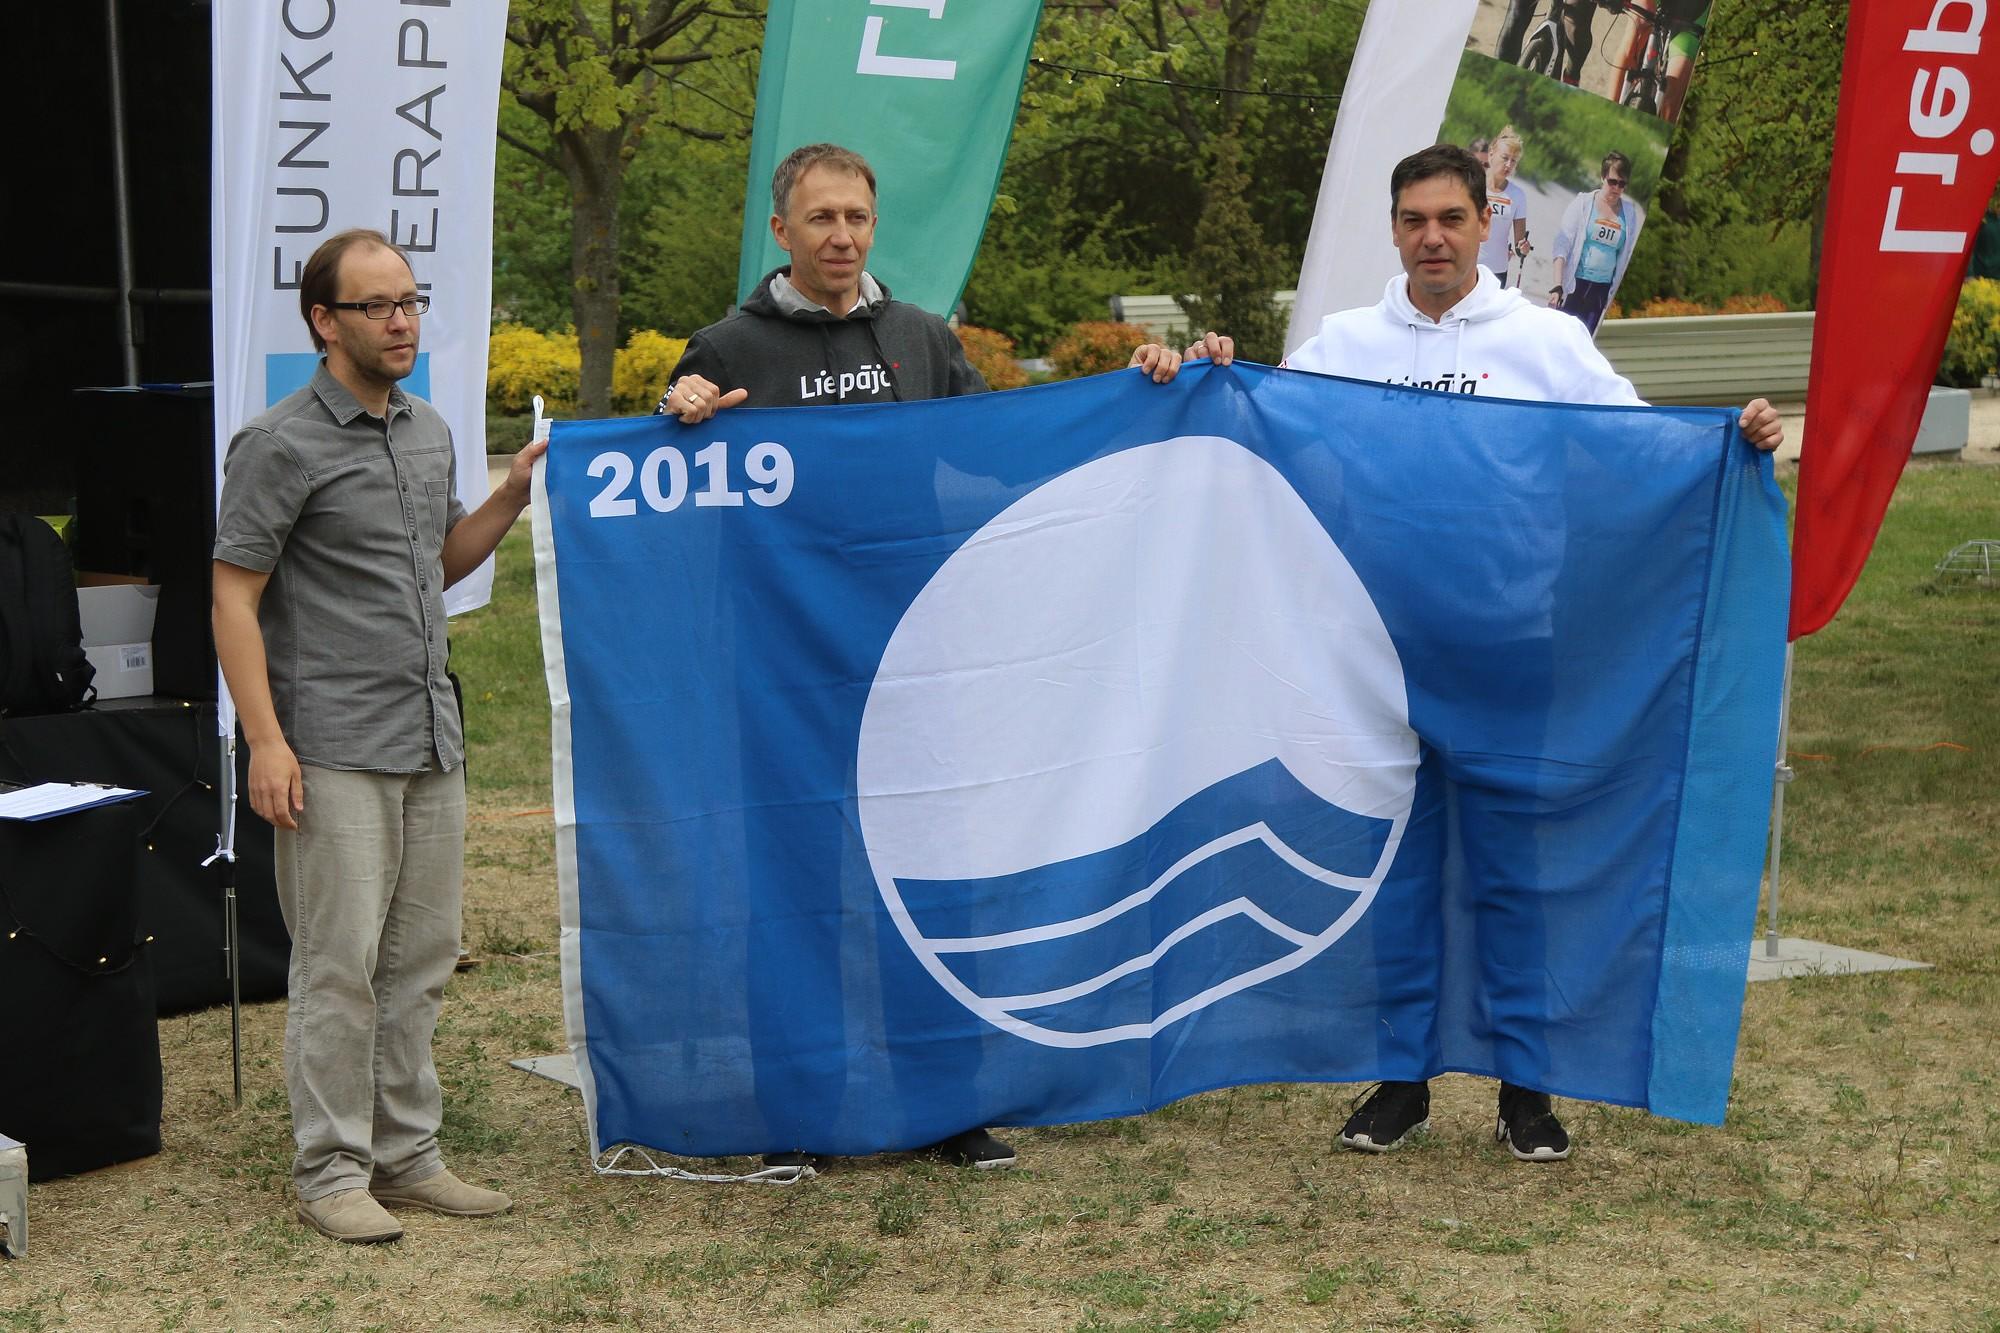 Liepājas peldvietas saņem Zilo karogu